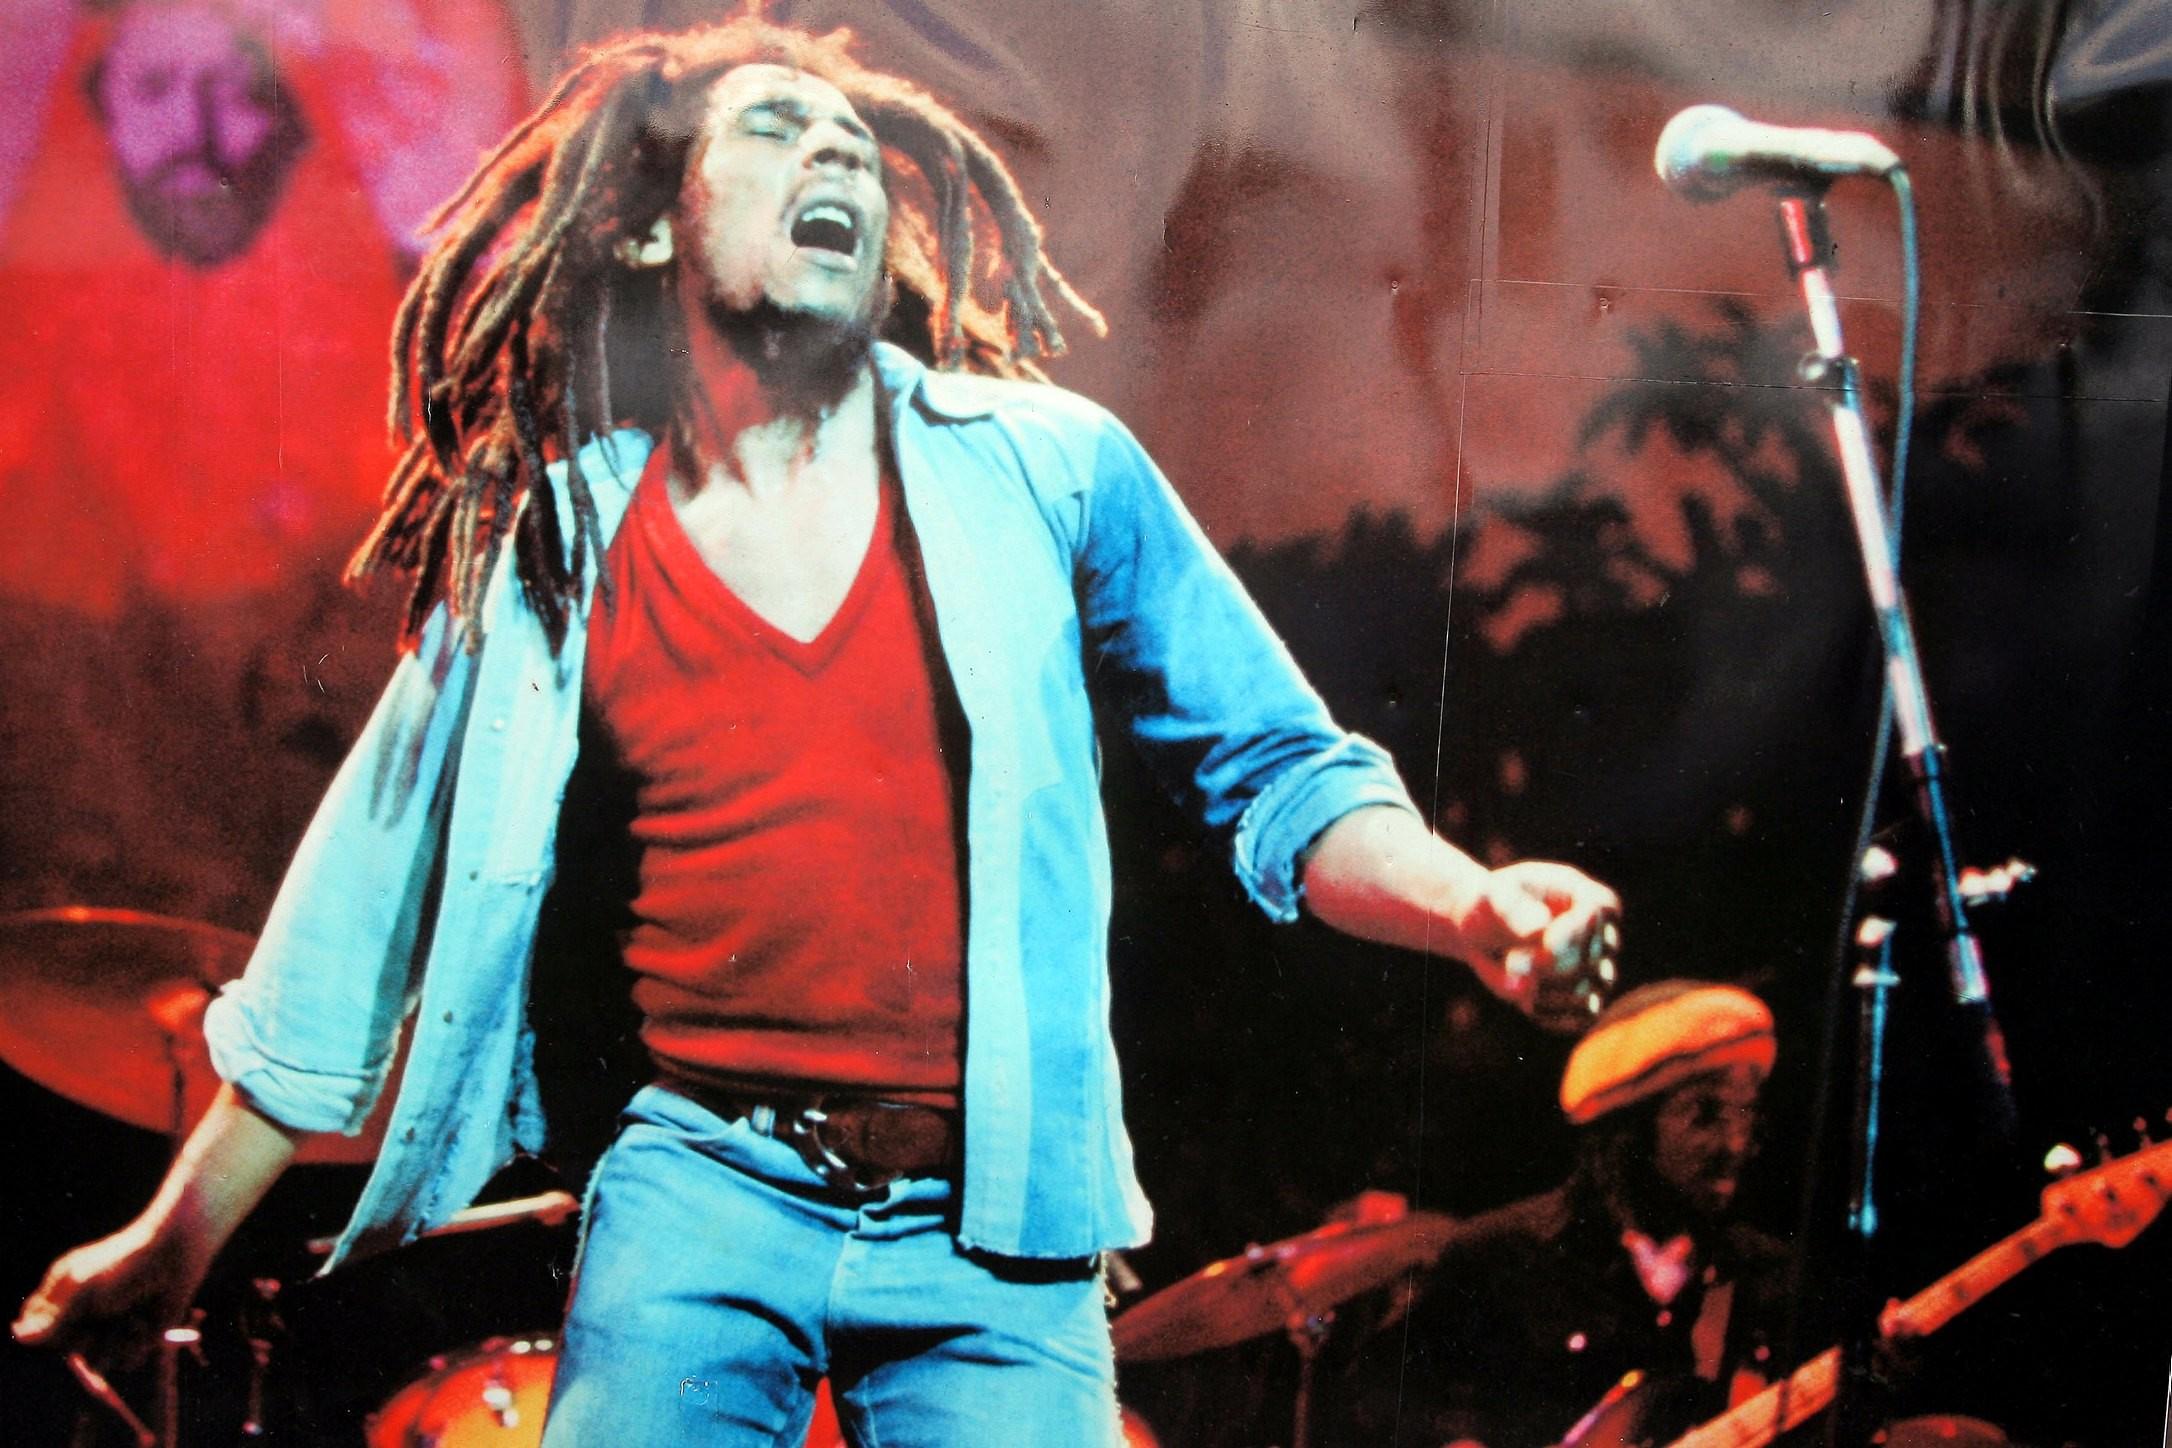 40 anos sem Bob Marley: Artistas do reggae citam músicas favoritas que marcaram legado do cantor